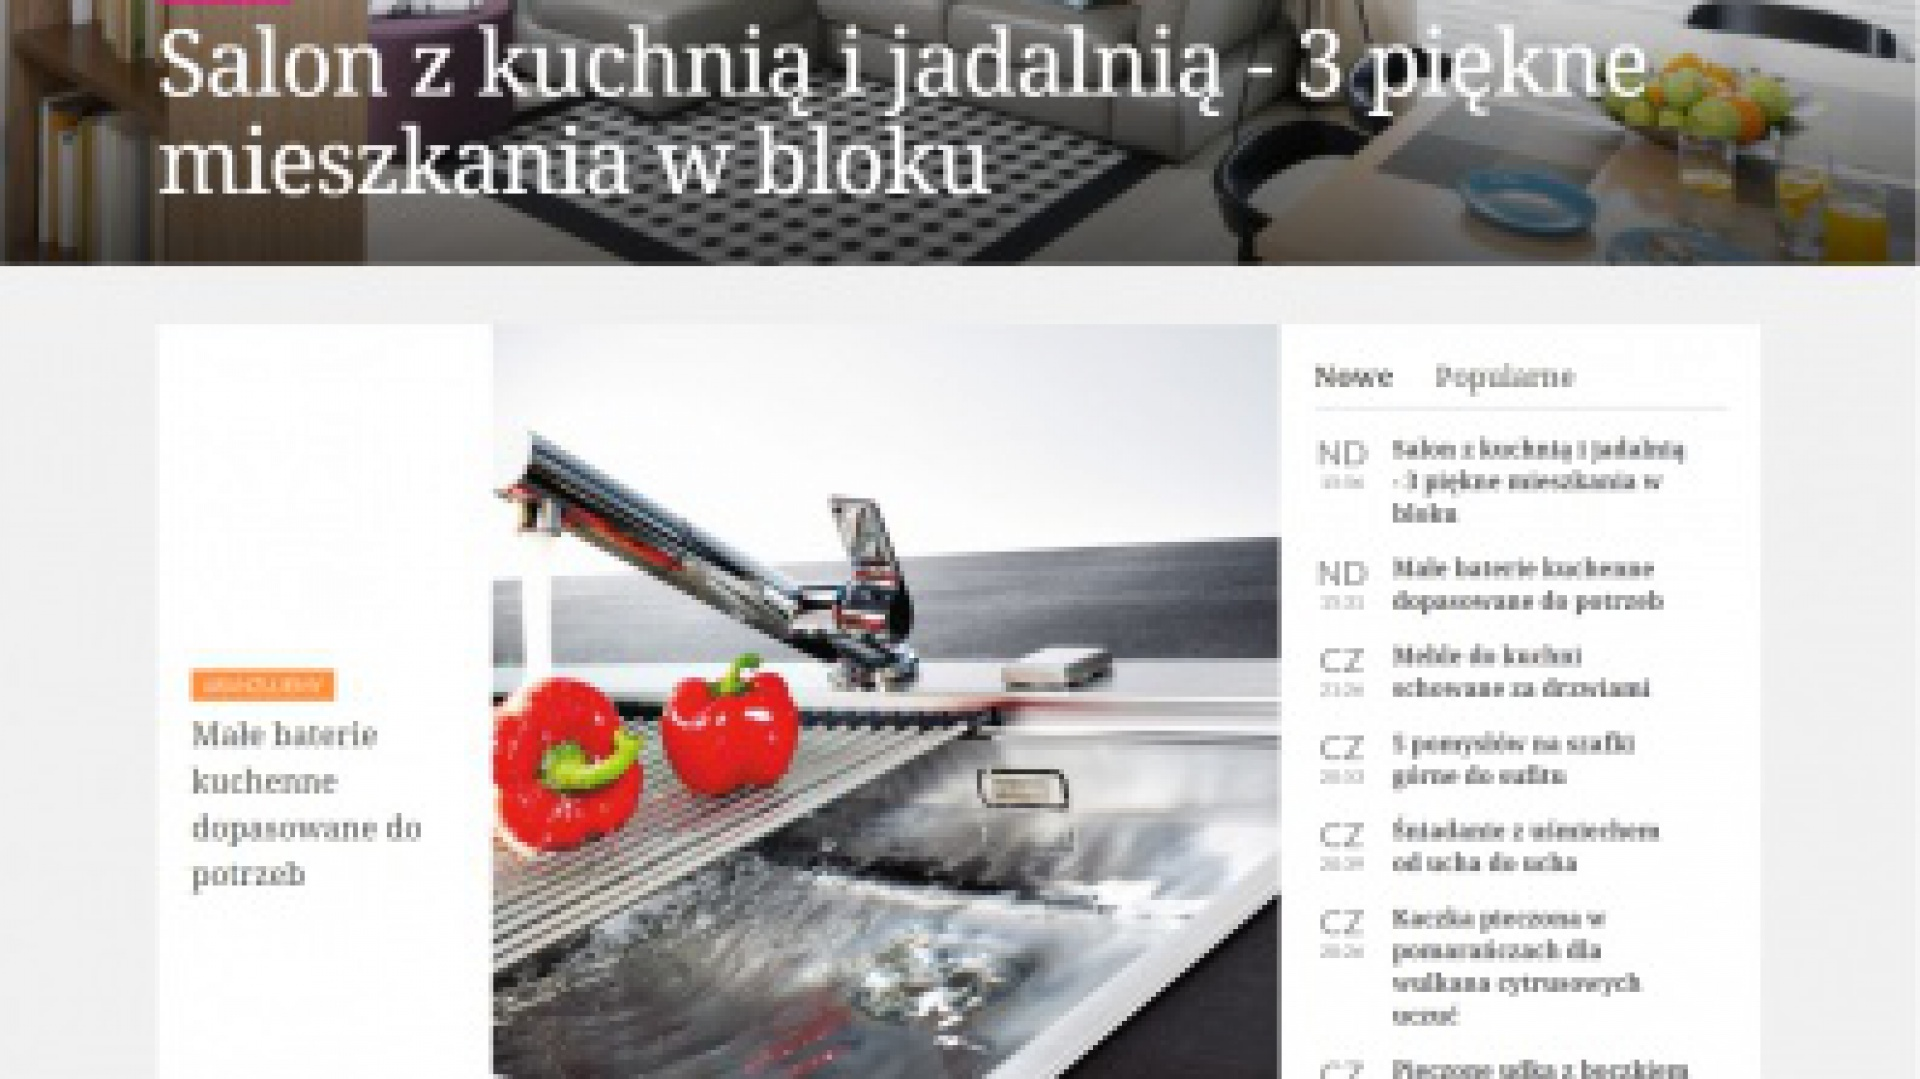 portal-mamkuchnie-pl-w-nowej.jpg